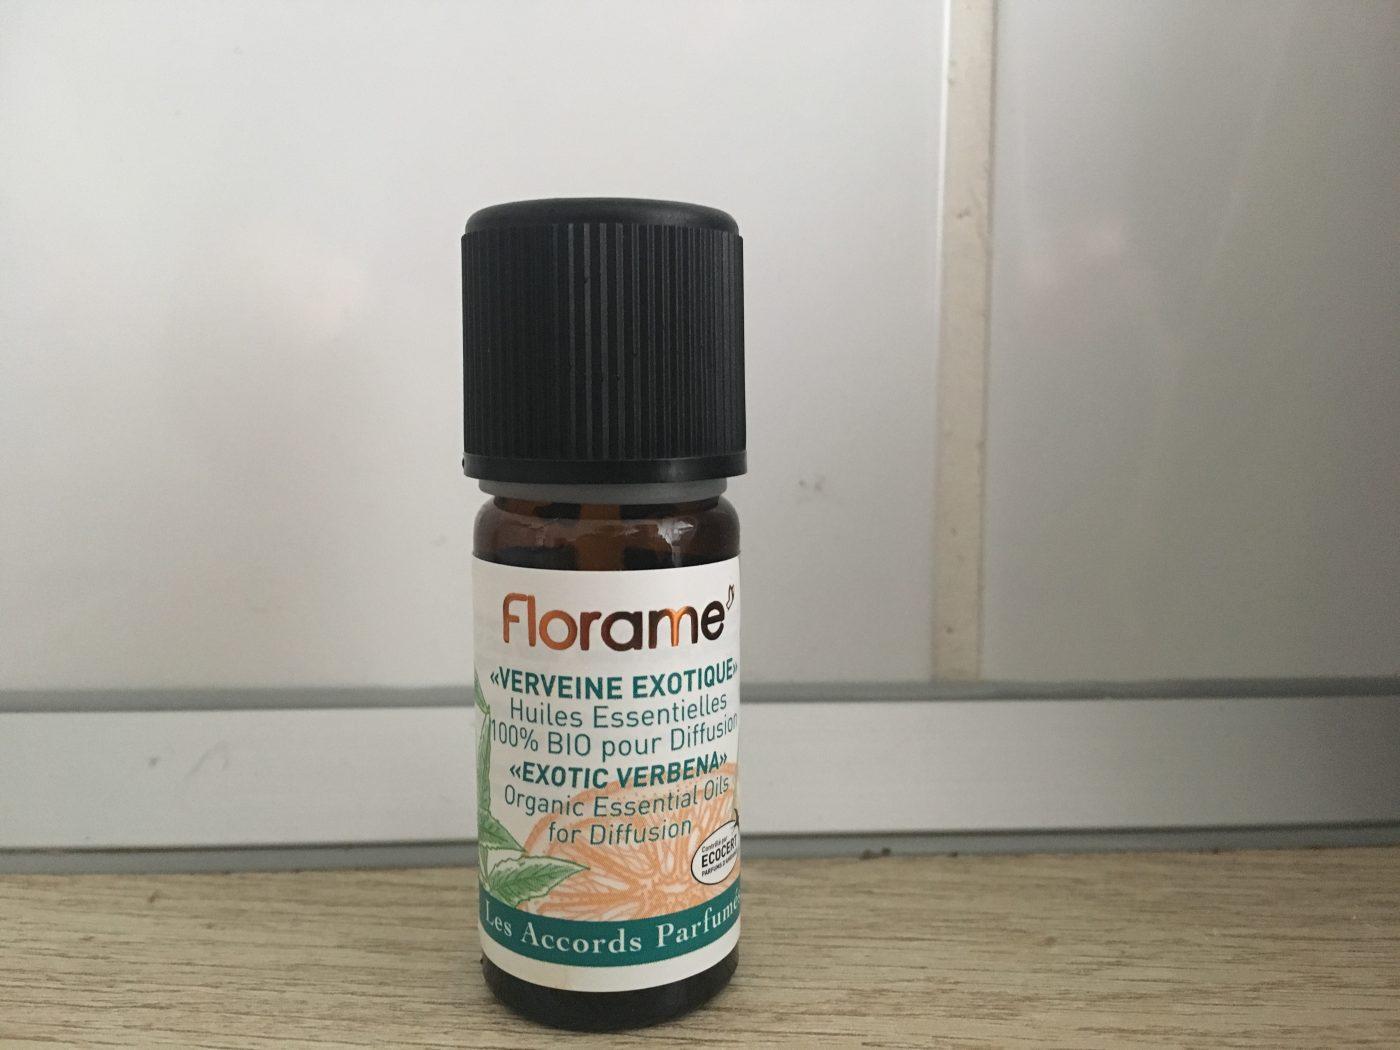 J'ai testé pour vous l'huile essentielle de verveine exotique